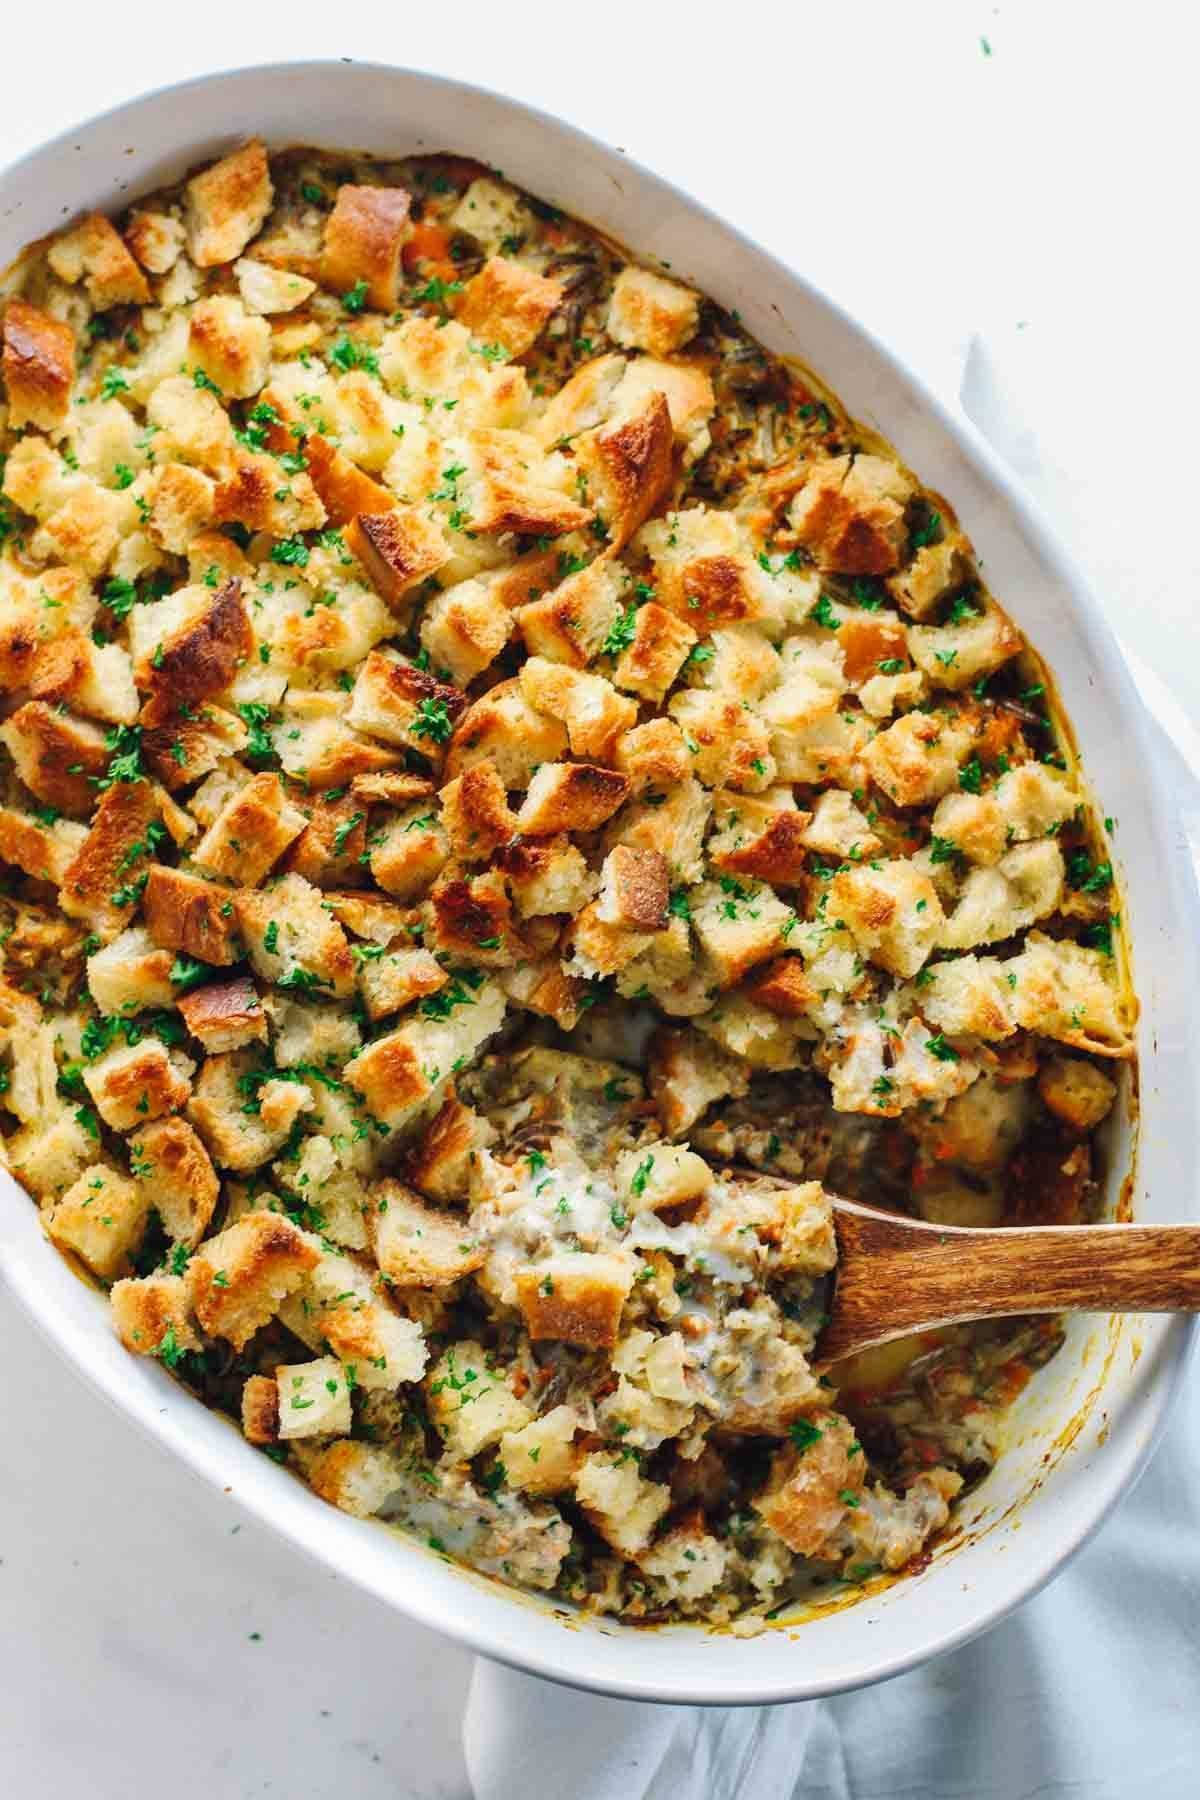 Chicken wild rice casserole recipe pinch of yum chicken wild rice casserole forumfinder Choice Image